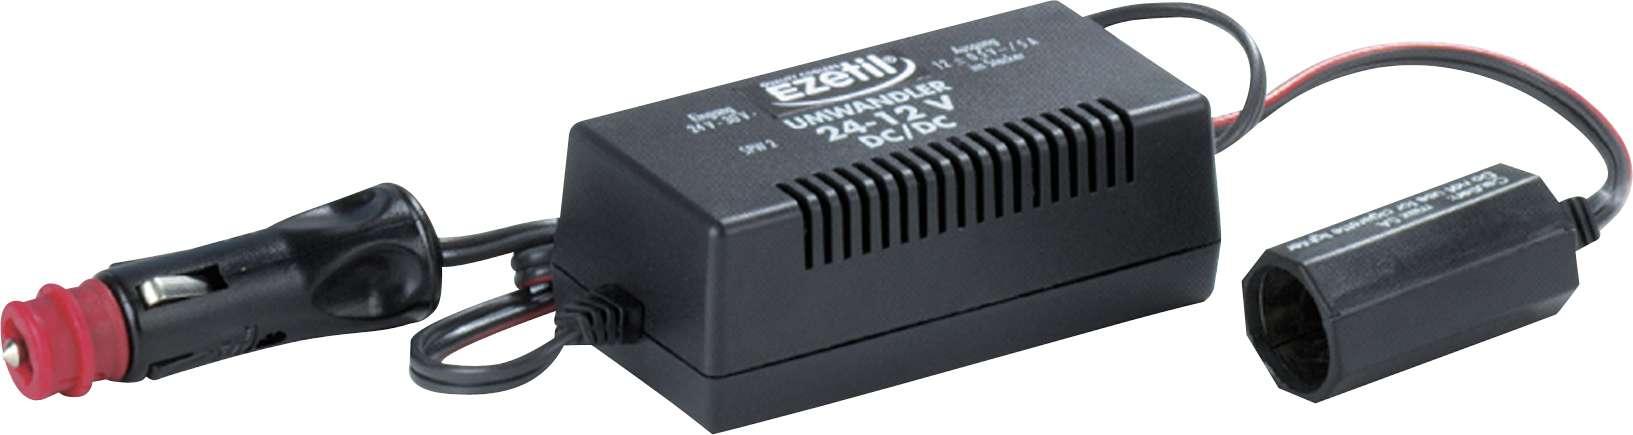 Ezetil Spannungswandler 12 V auf 24 V | 04020716187914